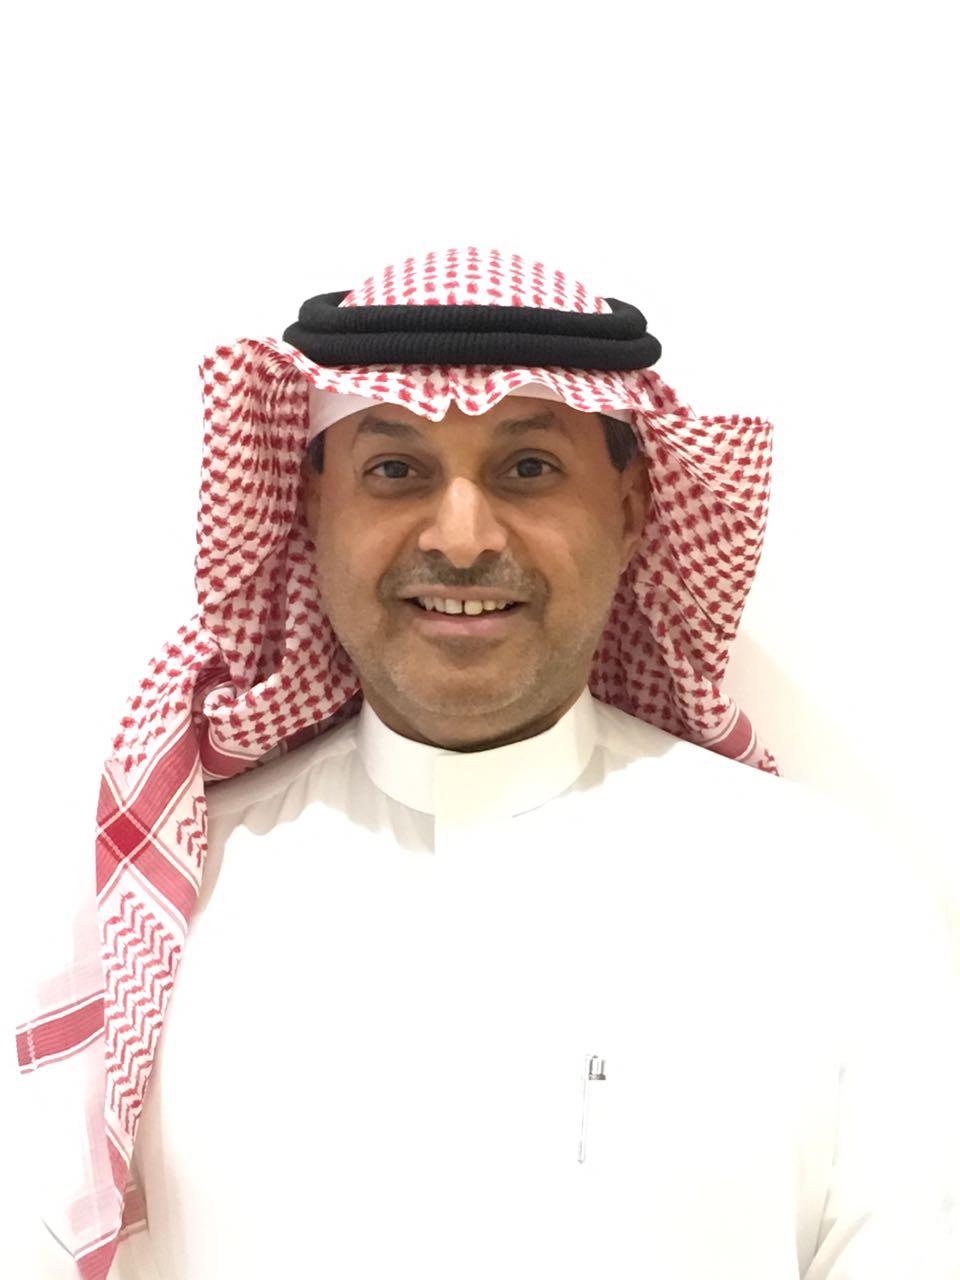 صورة مجلس الوزراء يوافق على تعيين الاستاذ/سعد العبداللطيف على المرتبة الخامسة عشر